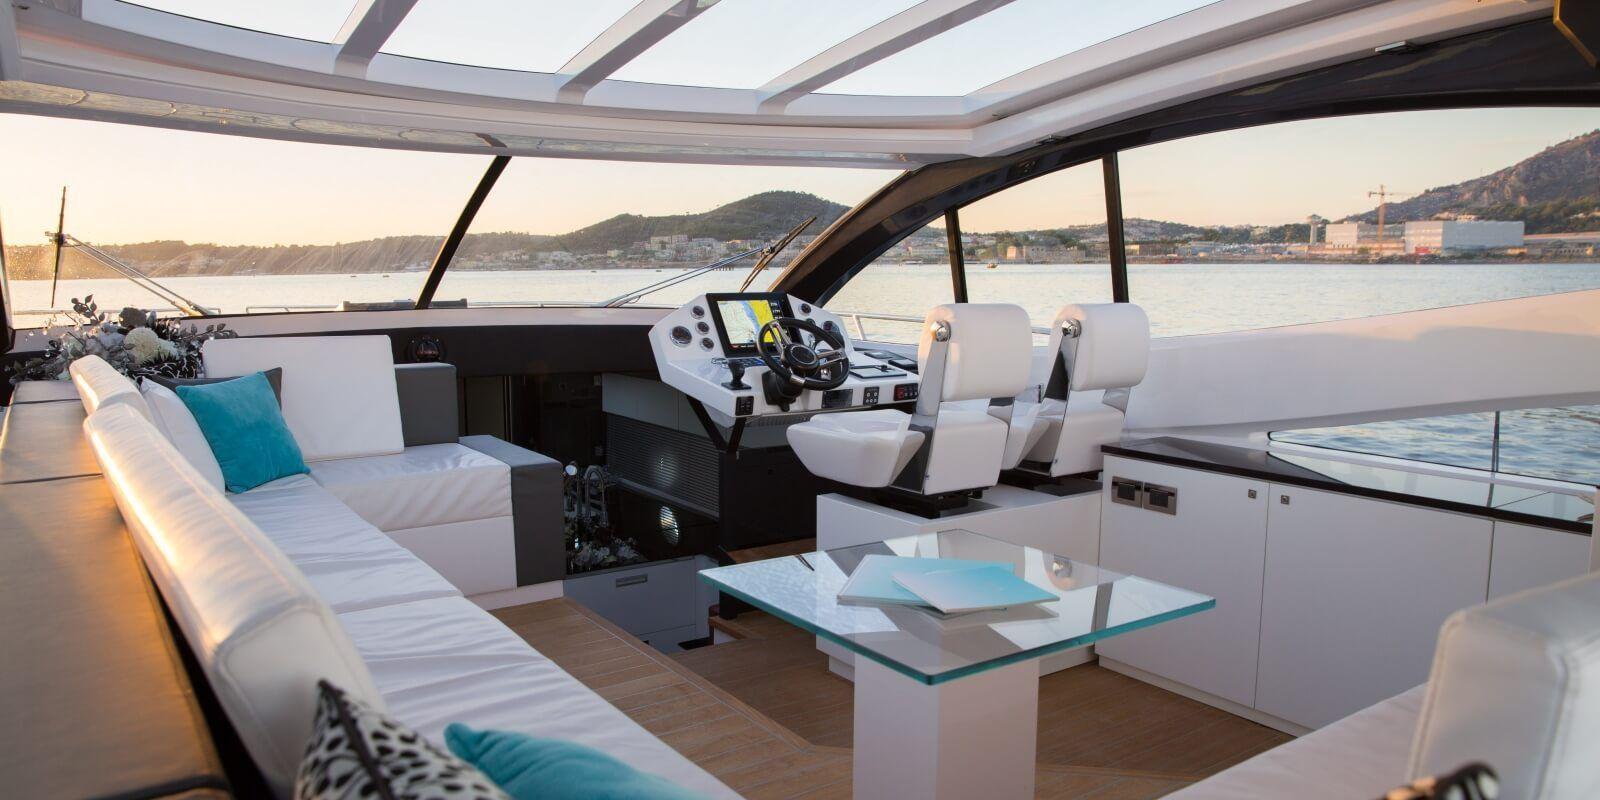 https://www.talamare.fr/medias/Le cockpit d'un yacht de location naviguant de Cannes à Saint-Tropez lors d'une journée de location de bateau sur la Côte d'Azur